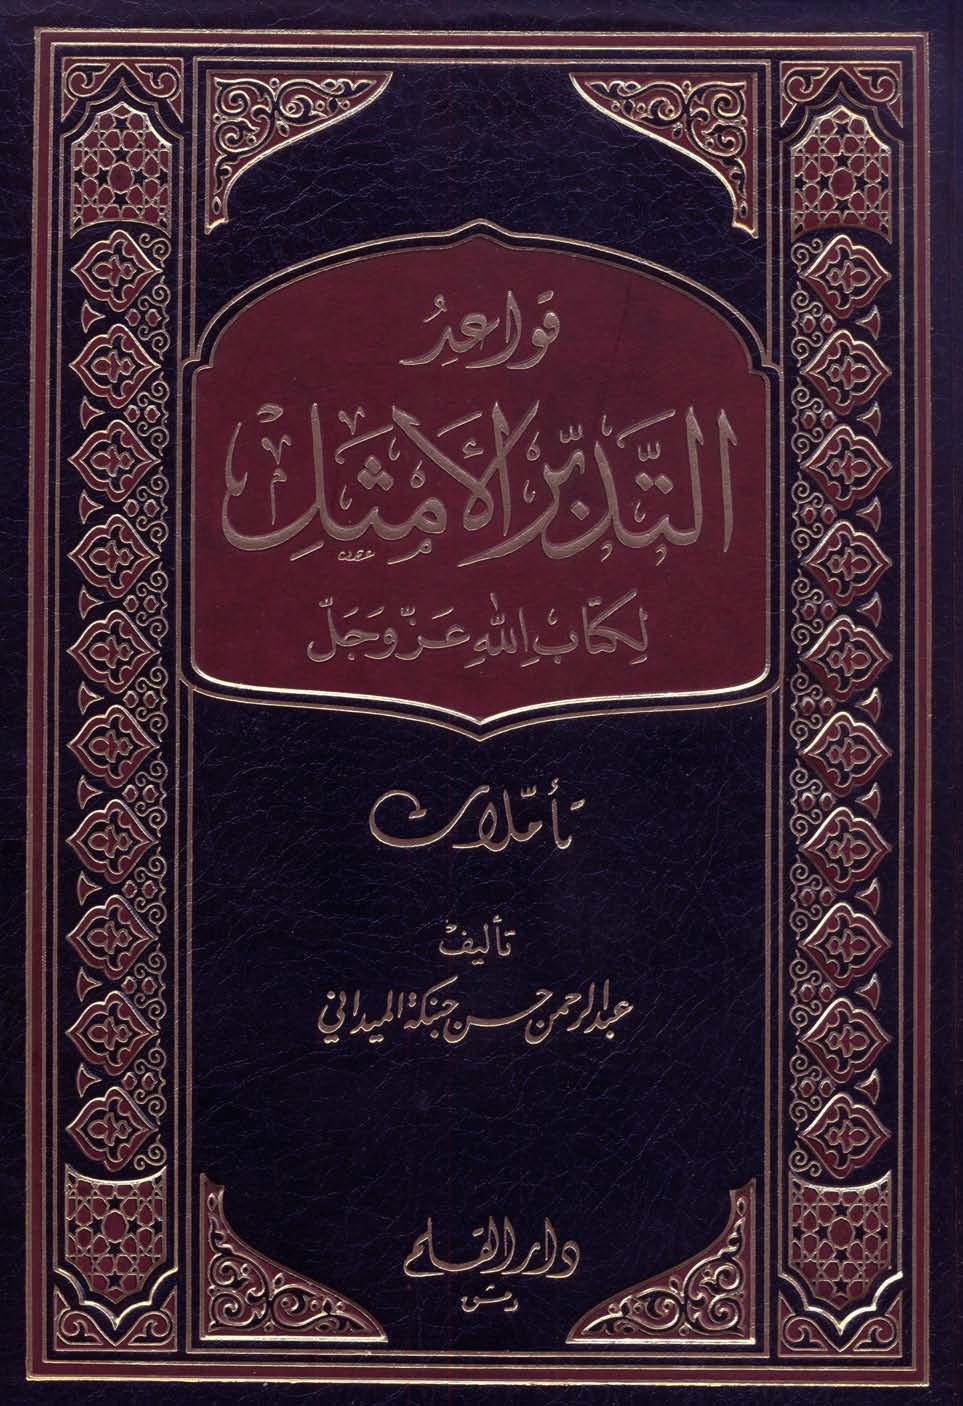 تحميل كتاب قواعد التدبر الأمثل لكتاب الله عز وجل لـِ: الشيخ عبد الرحمن حسن حبنكة الميداني (ت 1425)